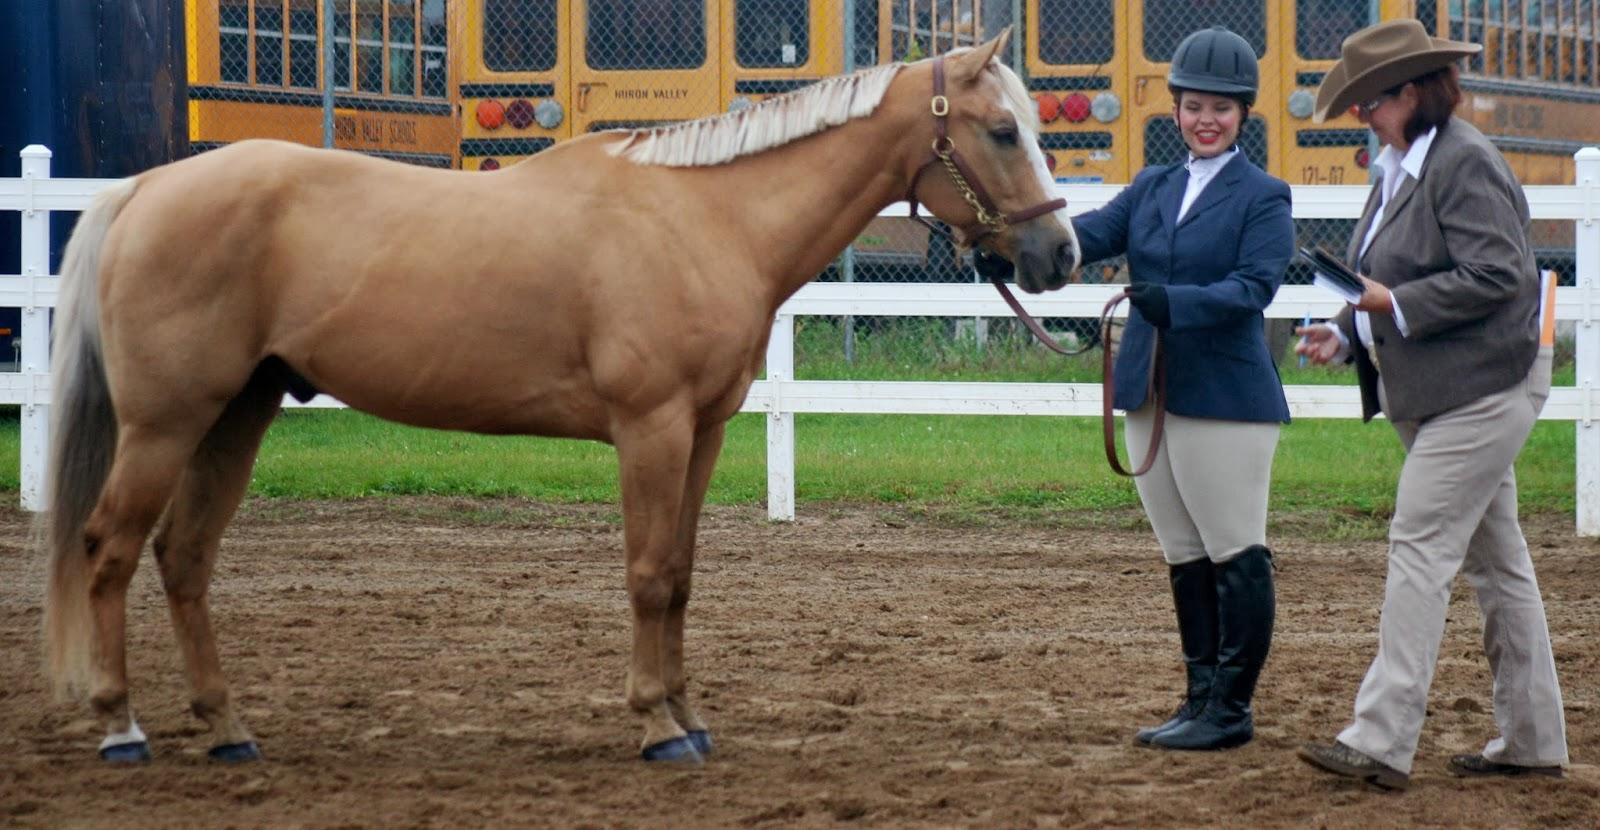 Milford high school equestrian team